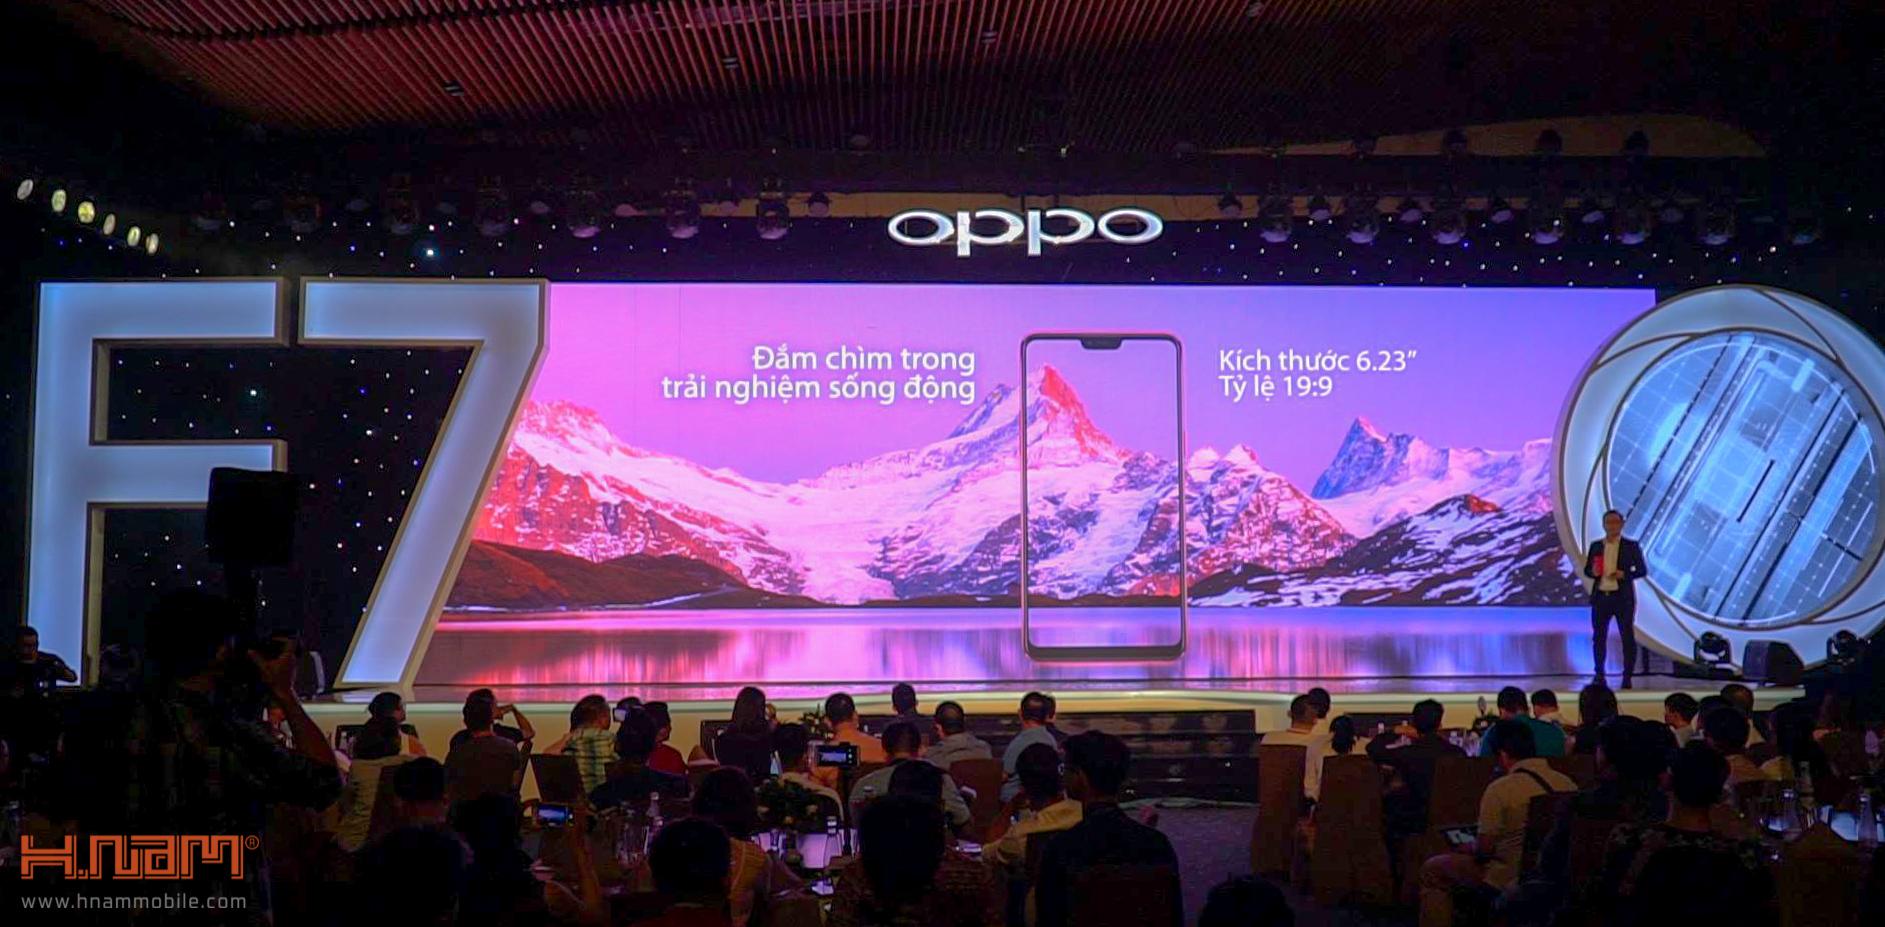 Oppo chính thức ra mắt Oppo F7 tai Việt Nam với giá bán cực kỳ hấp dẫn hình 4